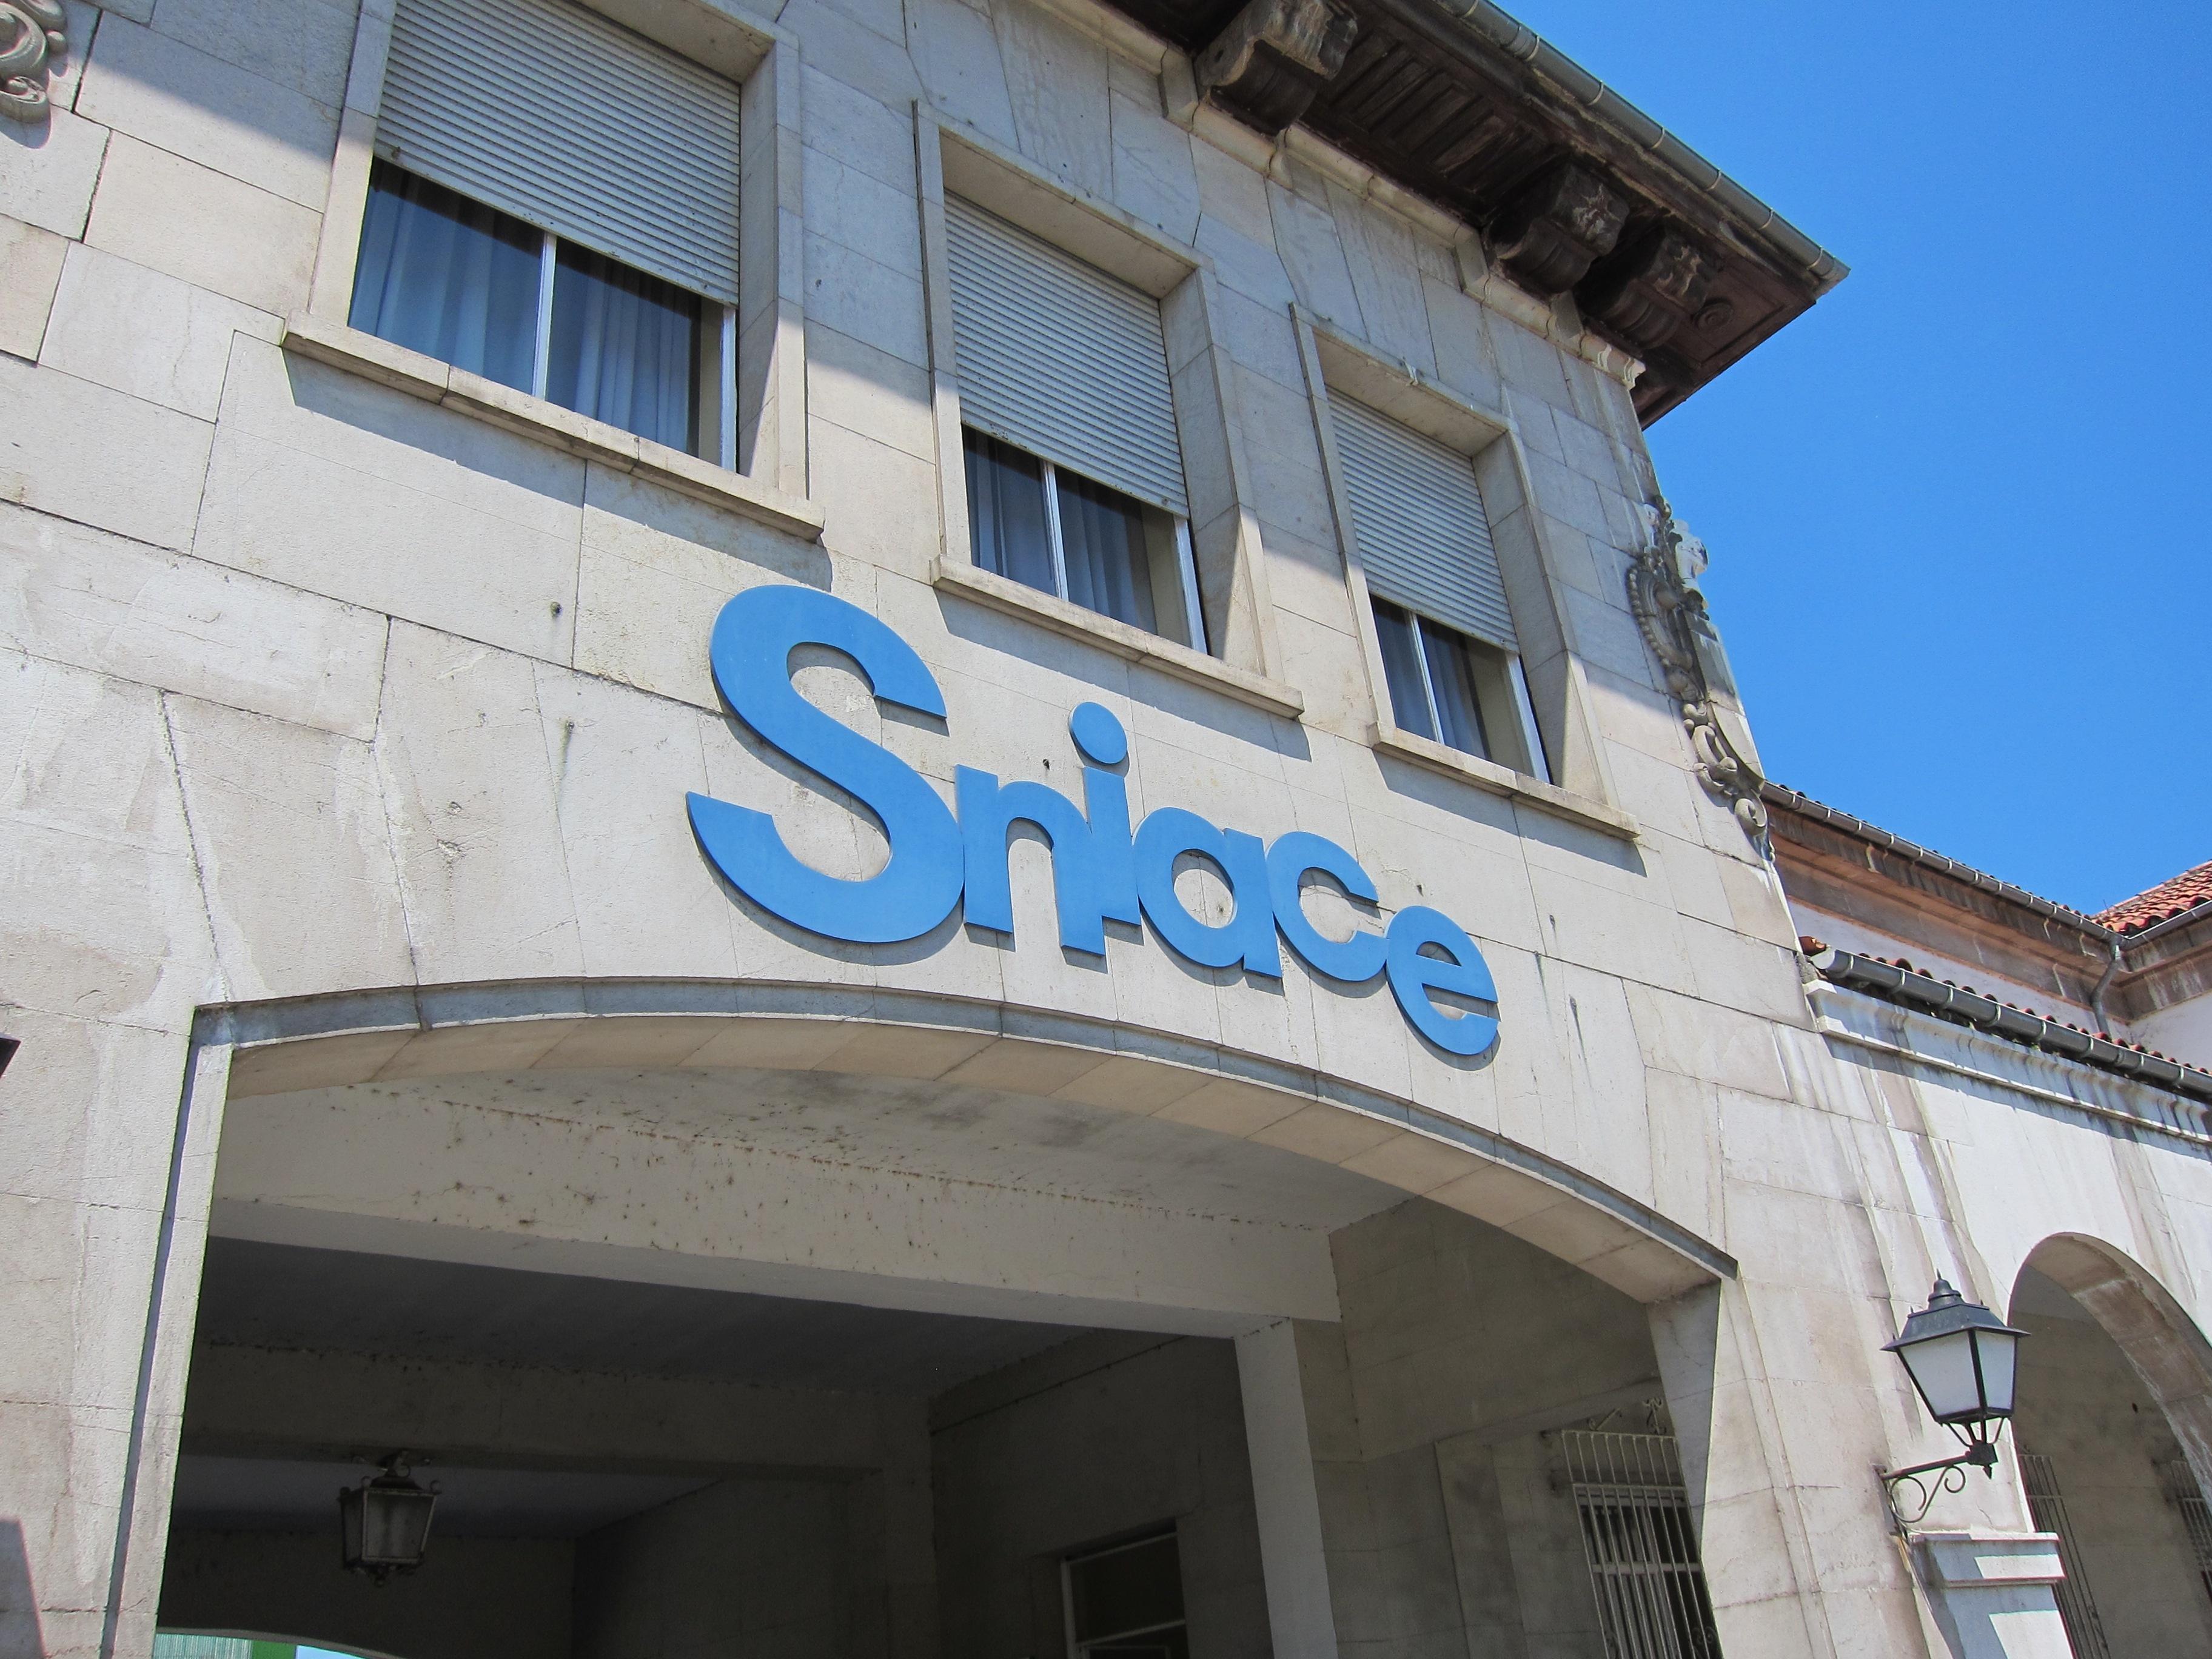 El presidente de Cantabria insiste en que la solución de Sniace depende «exclusivamente» de la empresa